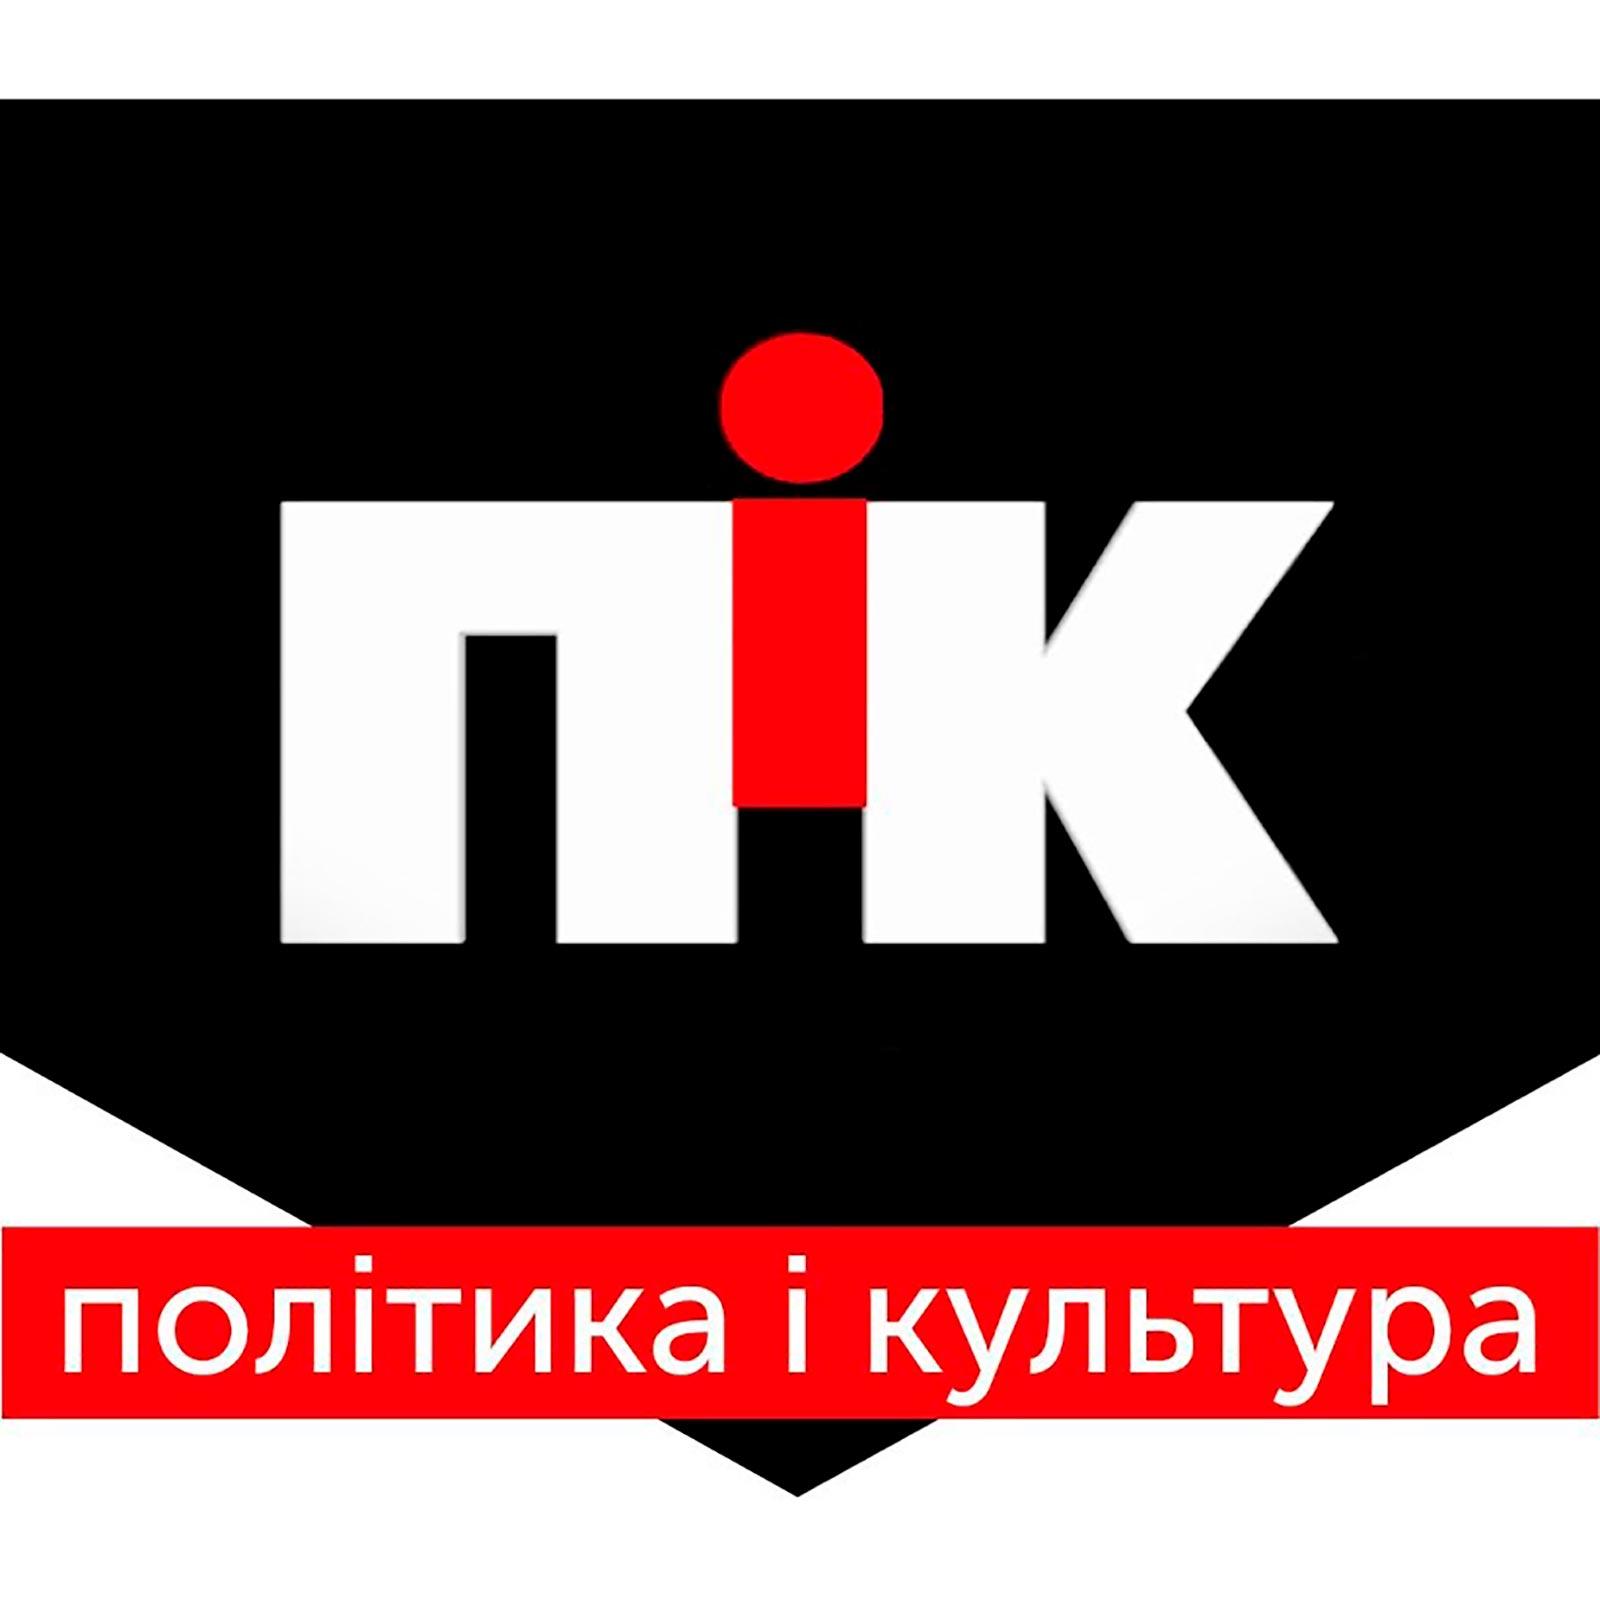 Політика і культура (ПіК) | Прем'єра нової програми на SKRYPIN.UA